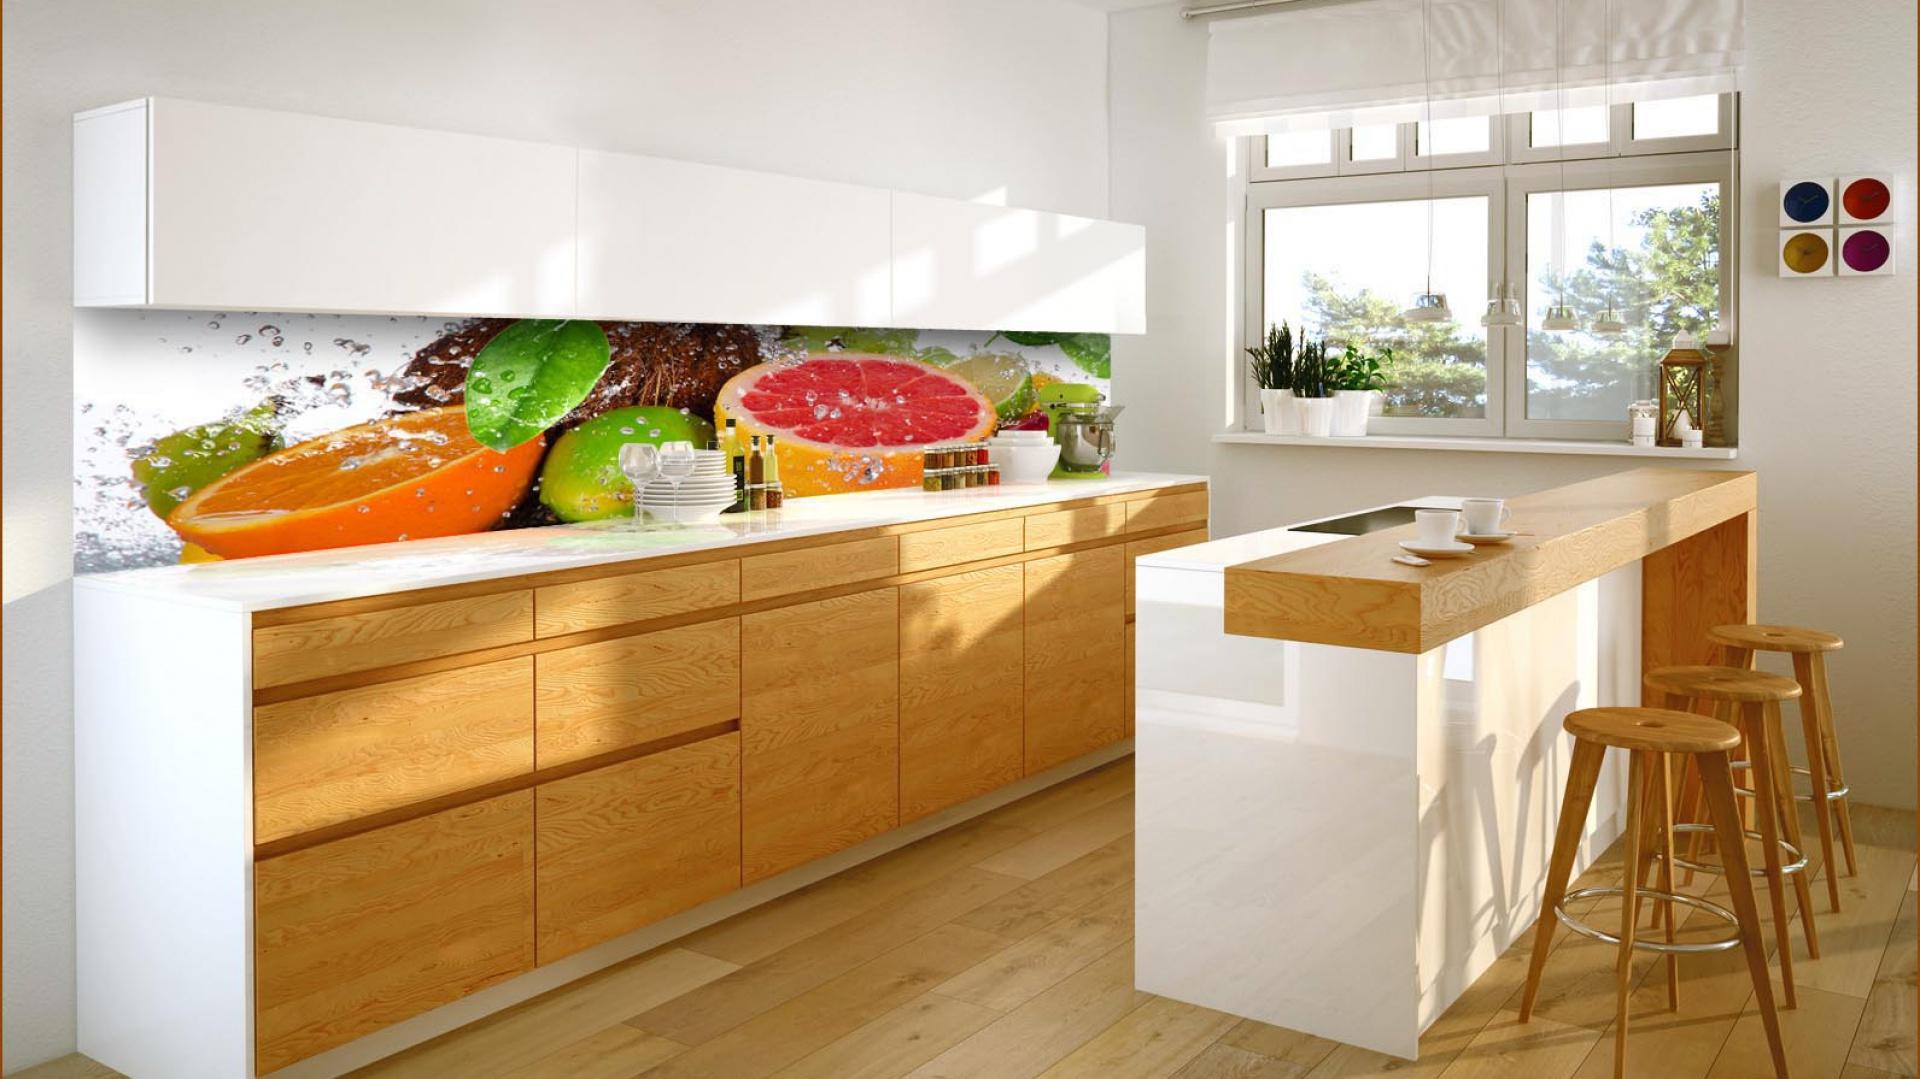 Fototapeta z apetycznymi owocami doskonale ożywia jasną, stonowaną przestrzeń kuchni. Doskonale sprawdza się nad blatem - stanowi nie tylko piękną dekorację. Zabezpiecza również ścianę przed wszelkimi zabrudzeniami. Fototapet dostępna jest w ofercie sklepu Grafdeco. Fot. Grafdeco.